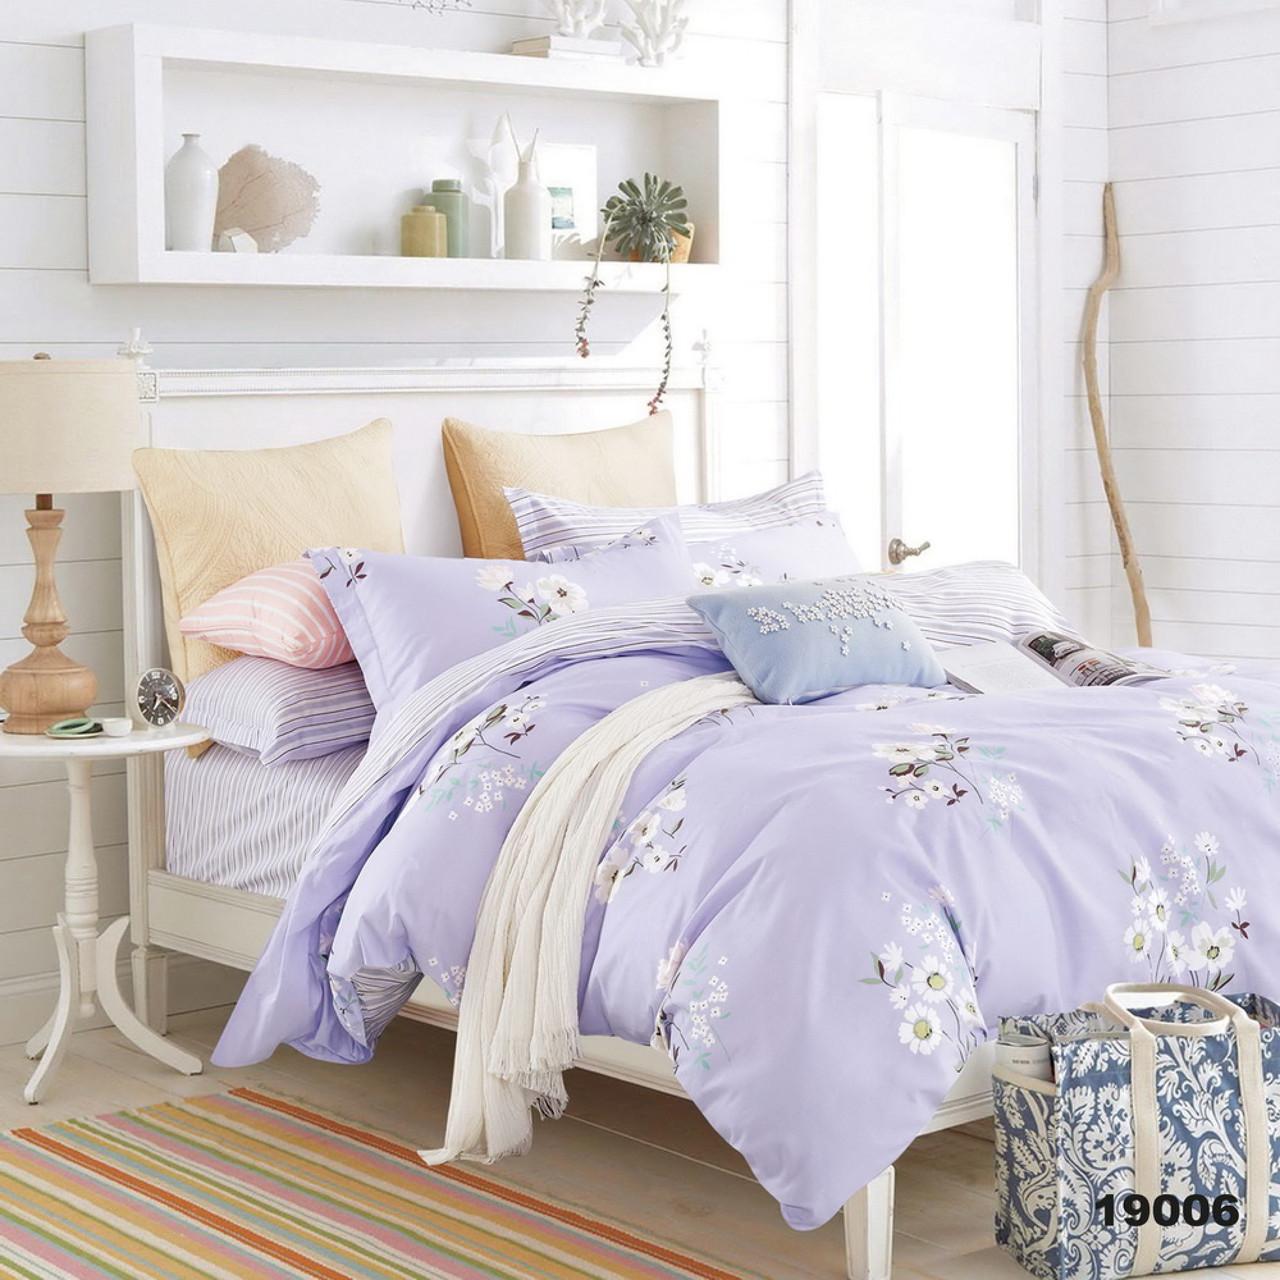 Комплект постельного белья Viluta Ранфорс 19006